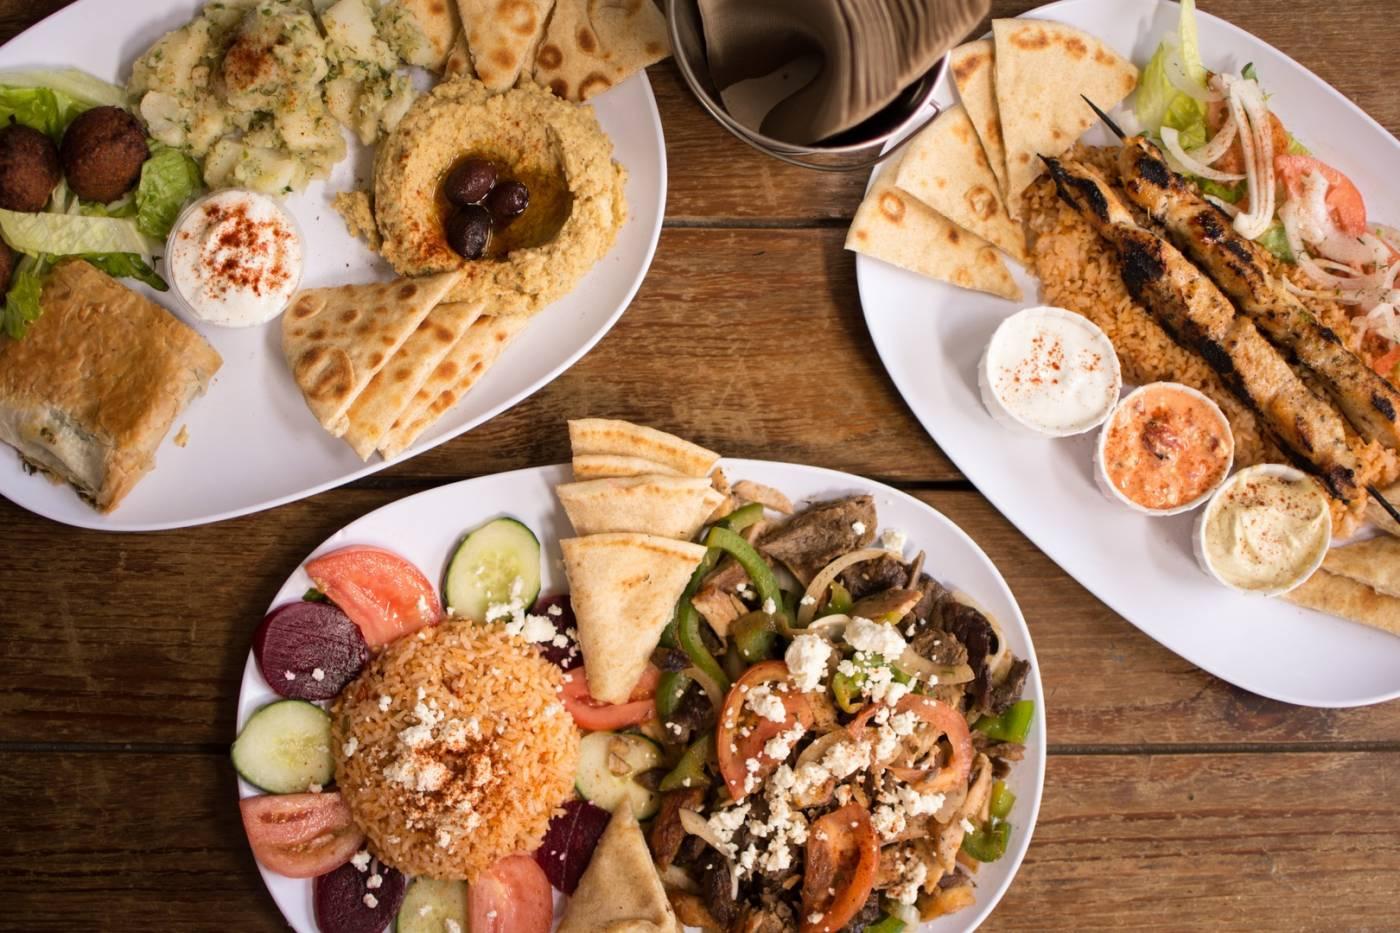 Как вкусно и полезно провести время в Дубае